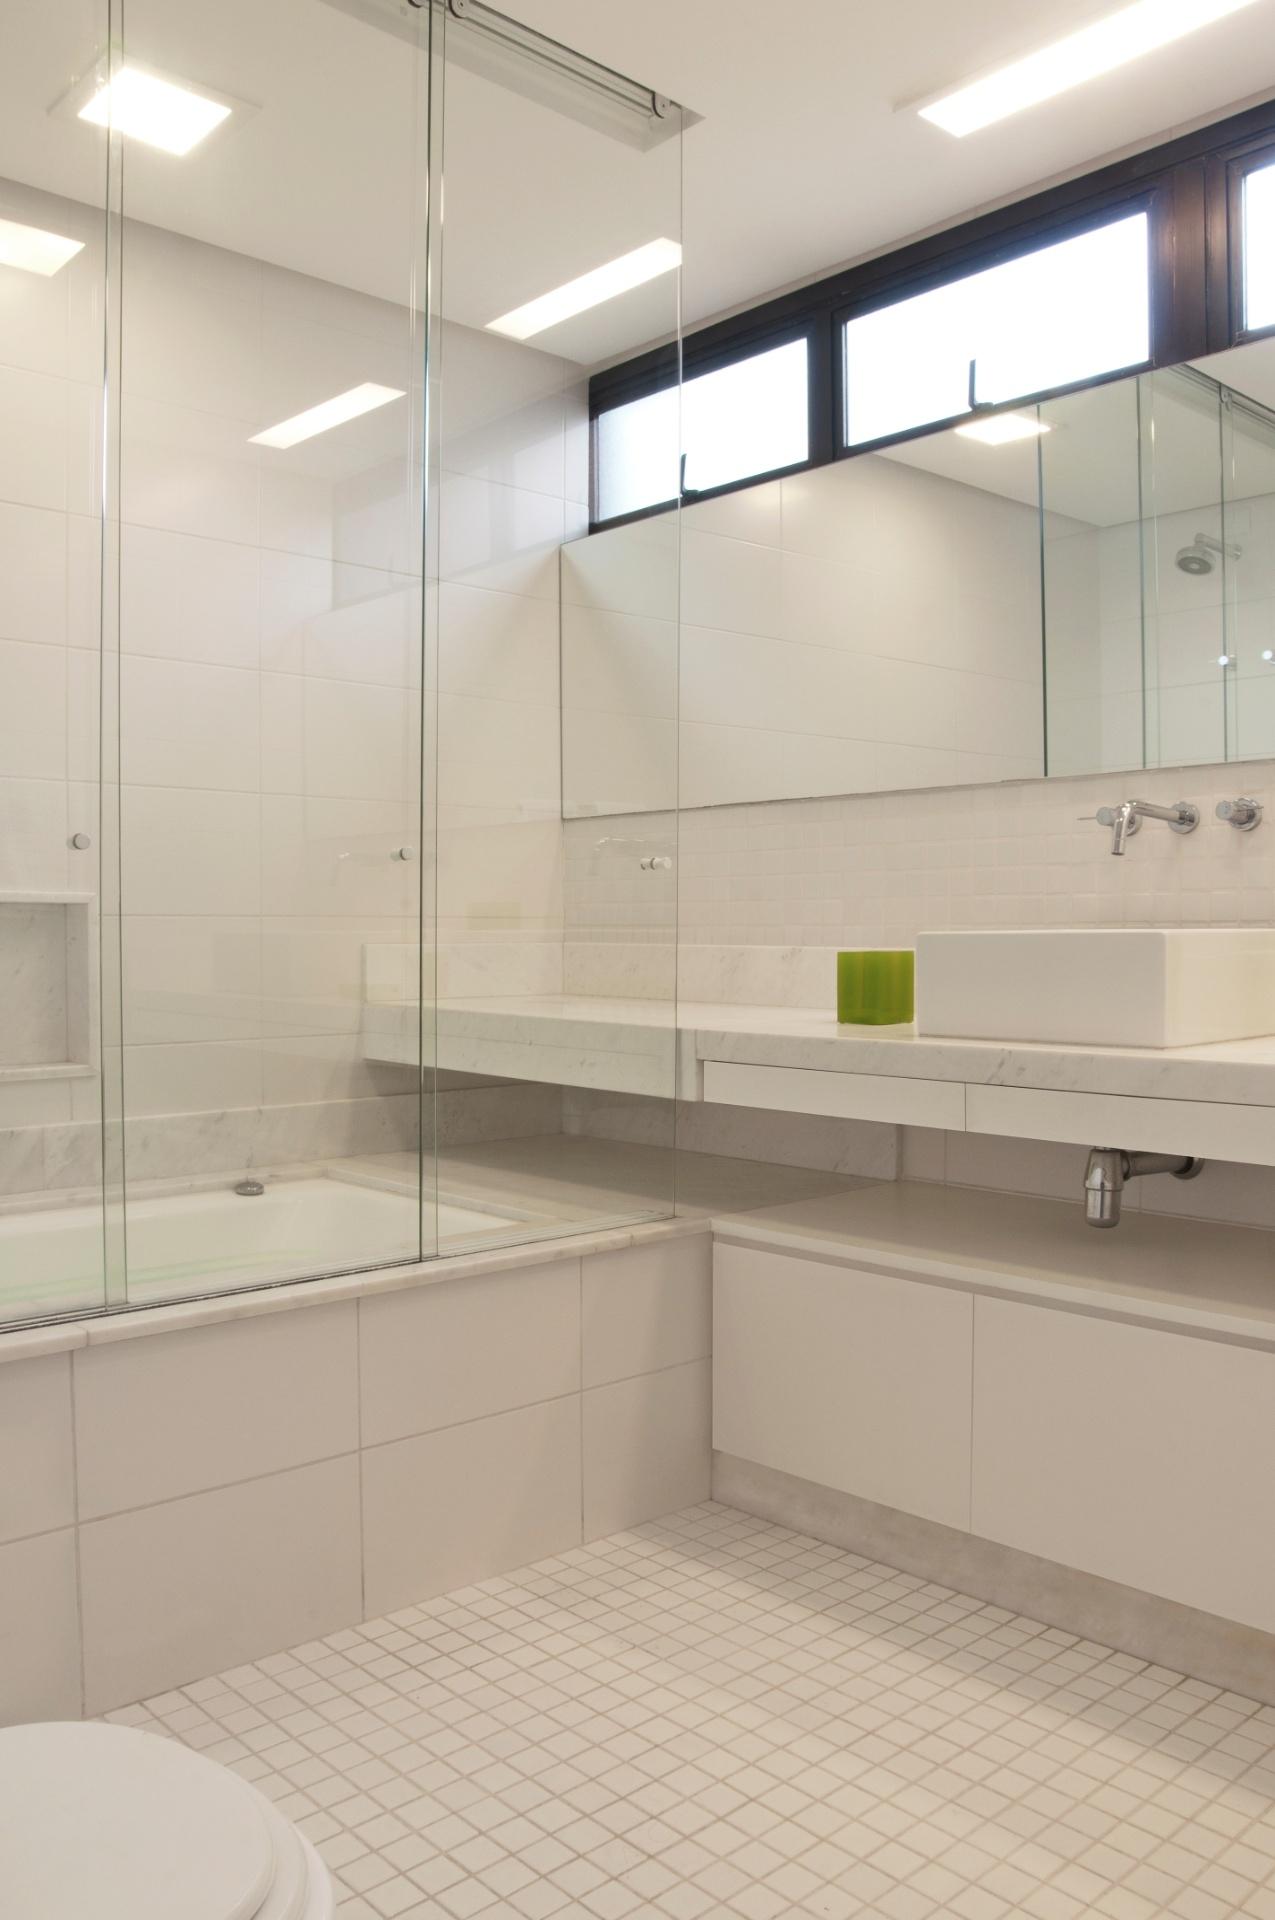 Não havia espelho no banheiro reformado pela arquiteta Crisa Santos. O projeto do edifício, datado de 1984 e assinado por Ruy Ohtake, previa larga faixa de janelas maxi ar. Os caixilhos superiores foram mantidos, porém os inferiores foram tapados com